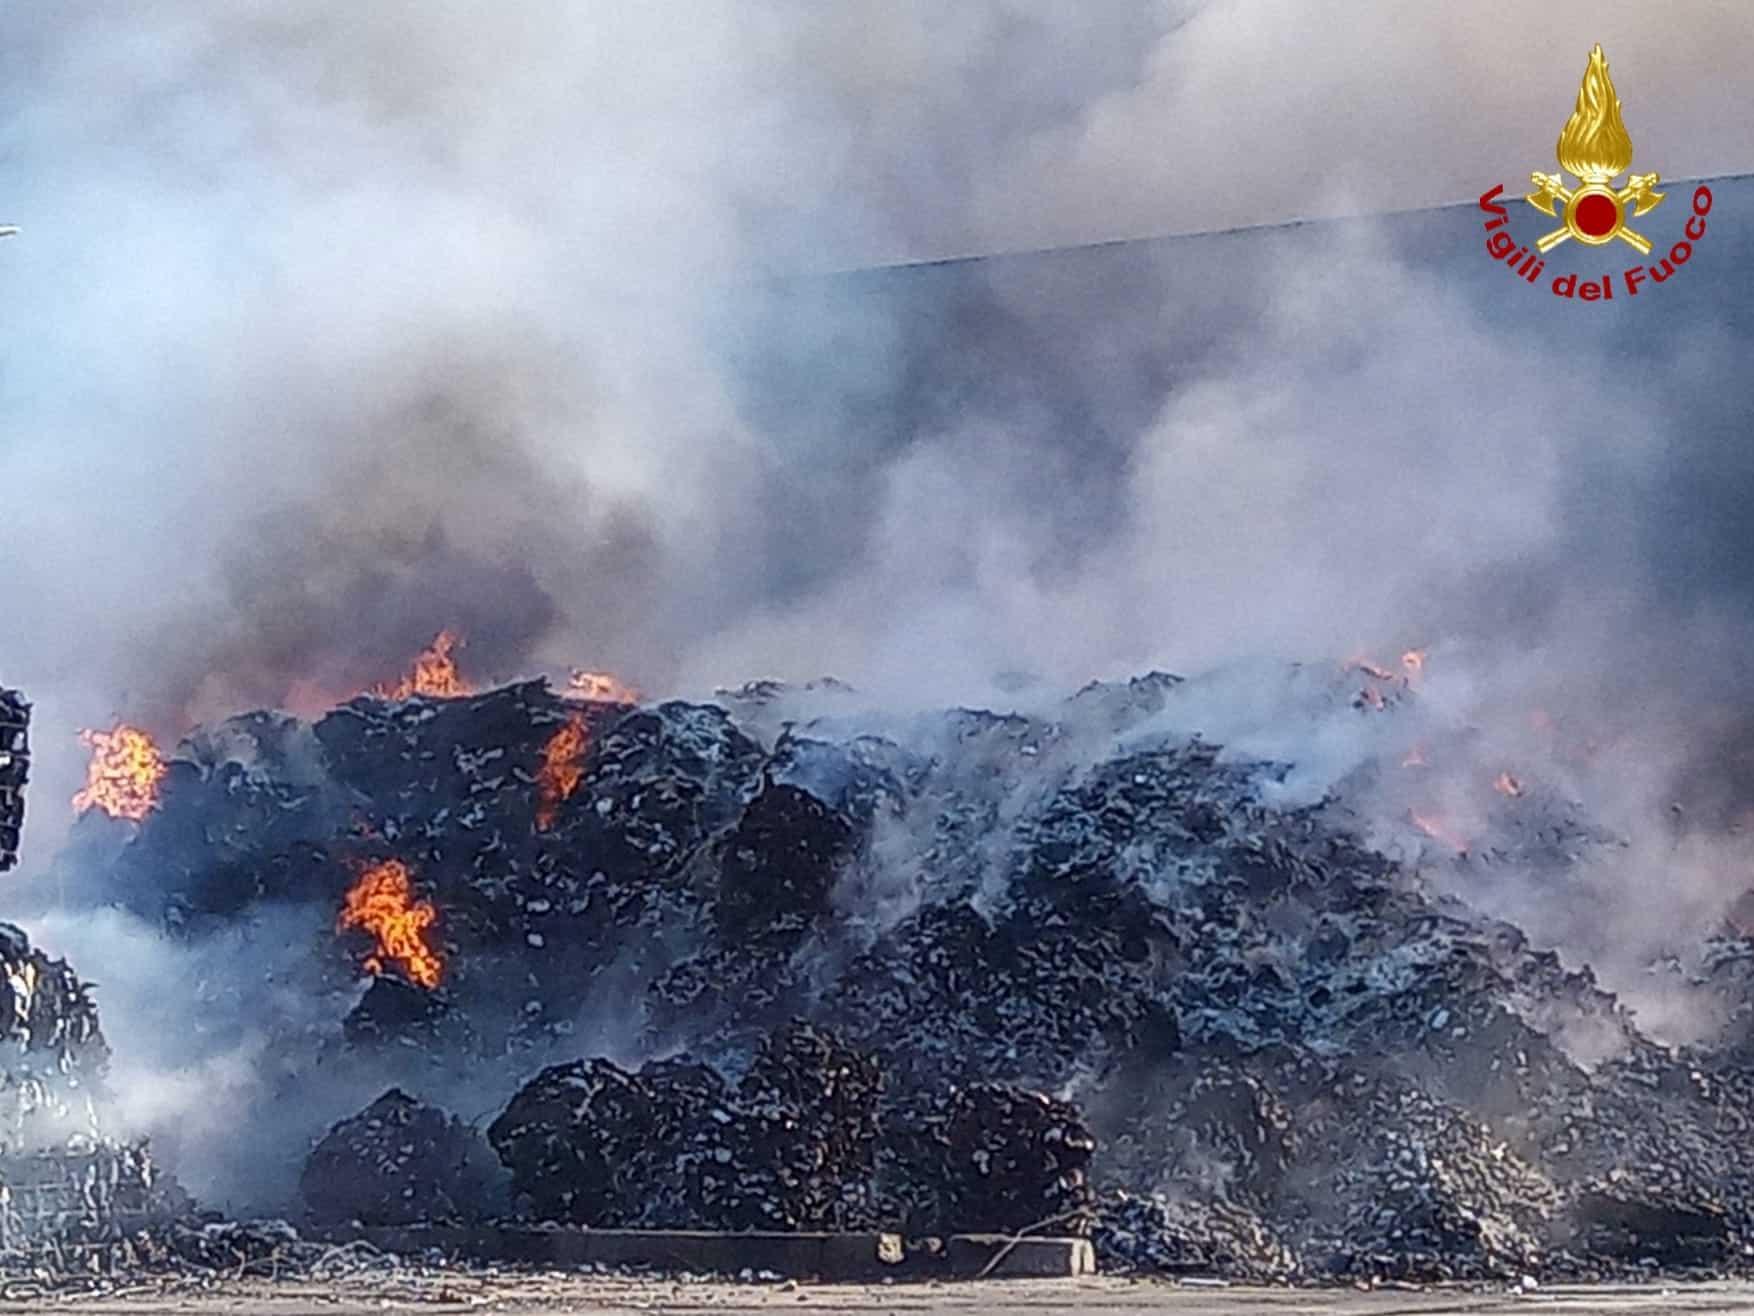 Incendio in provincia di Catania, colpiti capannone e aree esterne: le IMMAGINI dello spegnimento – FOTO e VIDEO